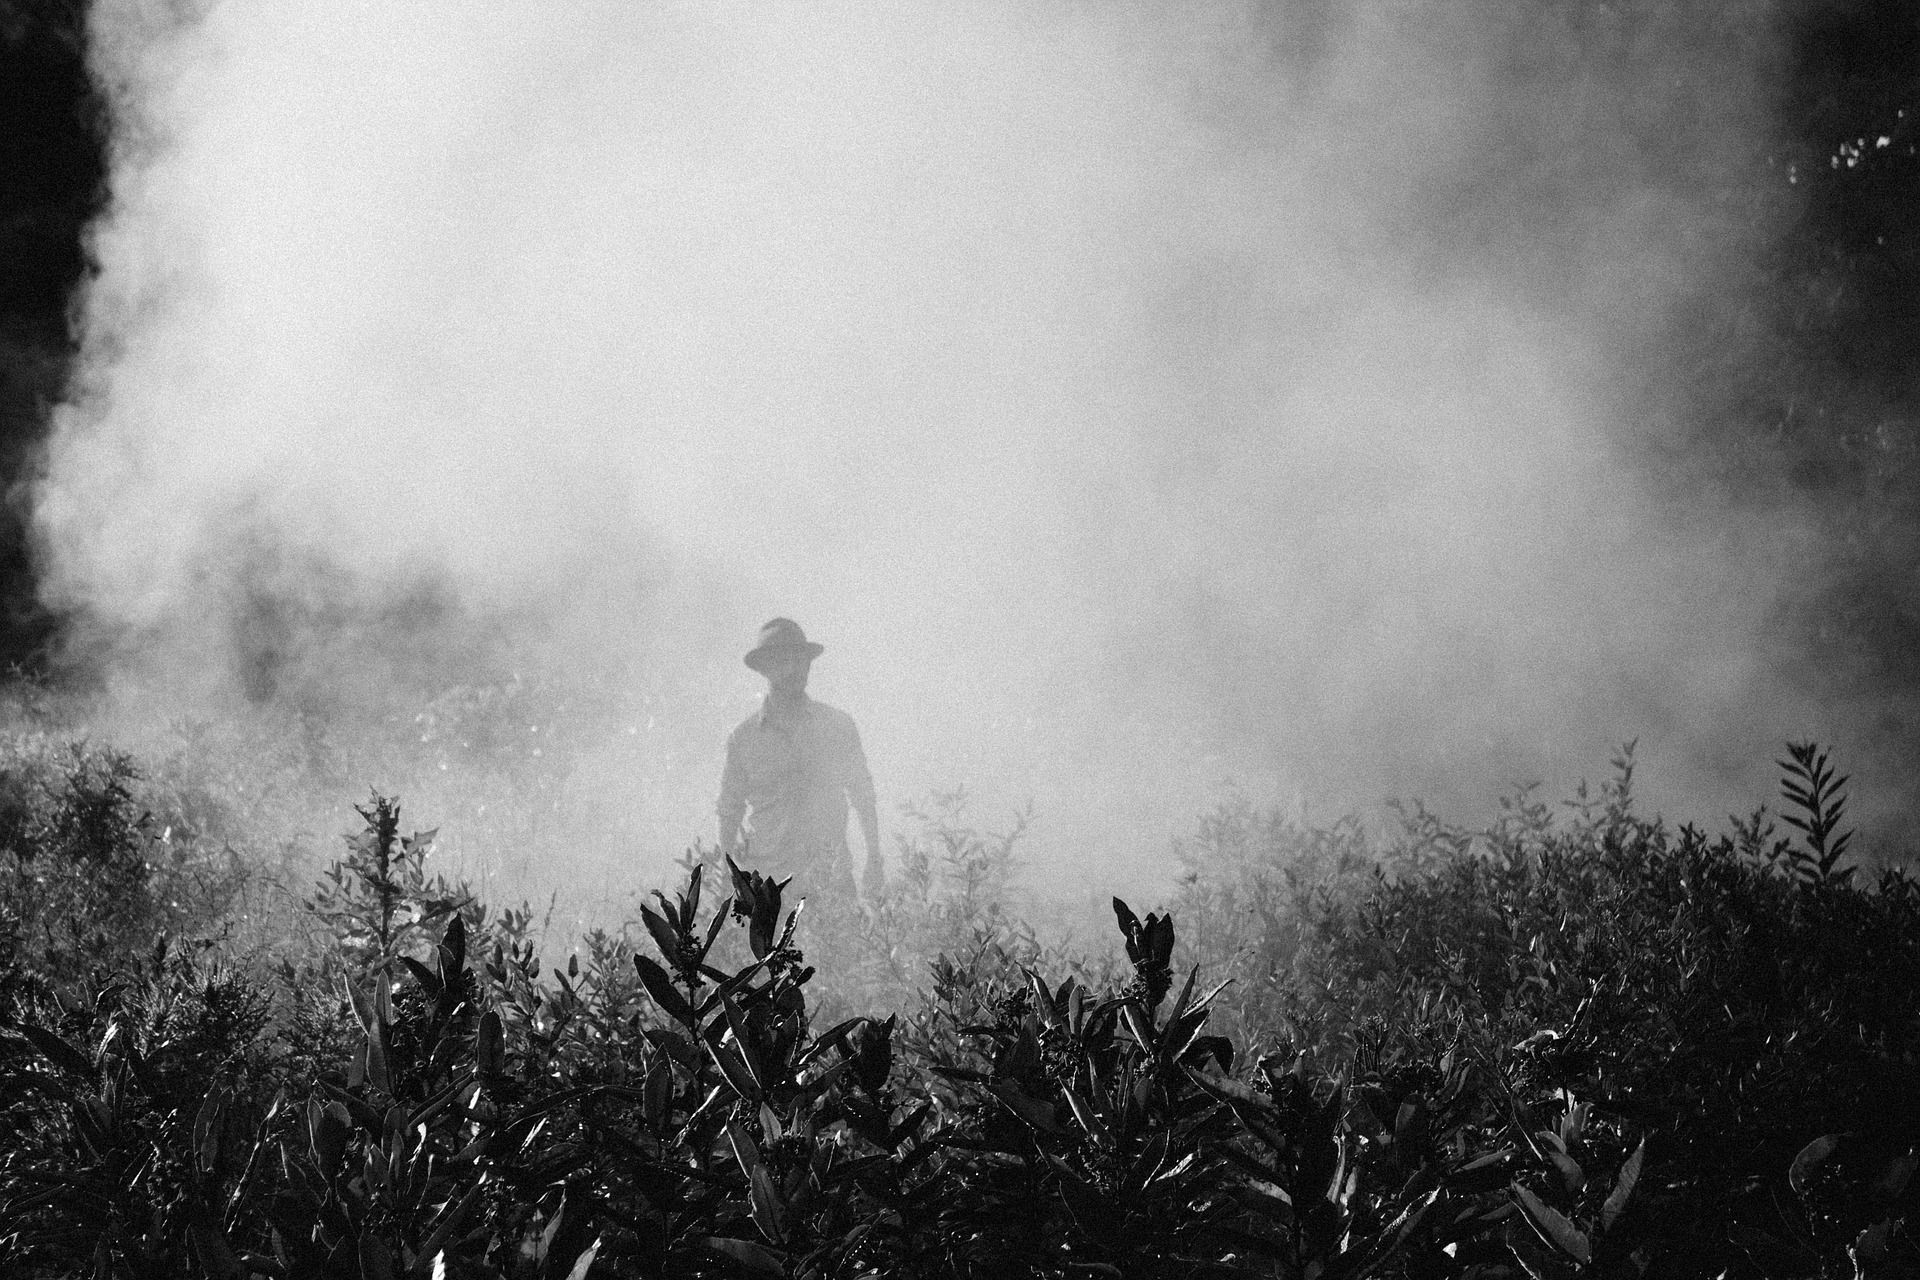 EU-Kommission offen für Exportverbot von Pestiziden